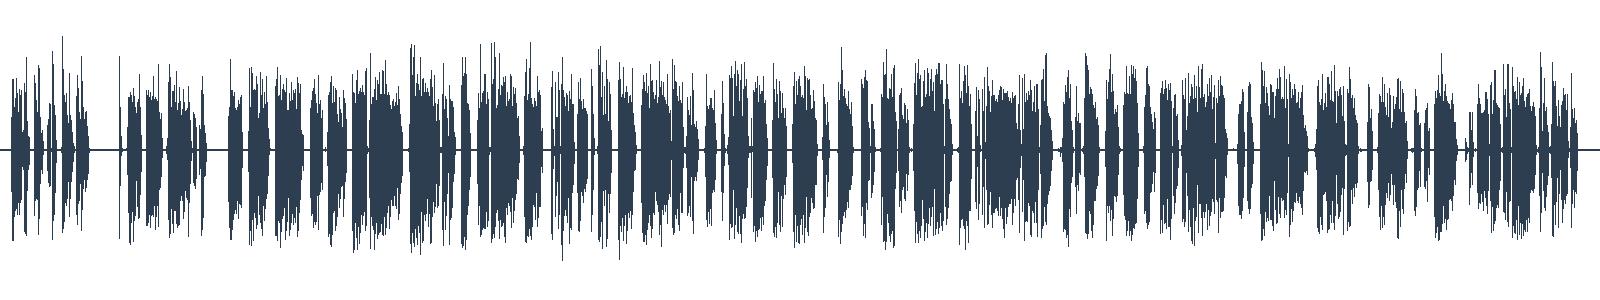 Rado Ondřejíček - Homo ASAPiens waveform